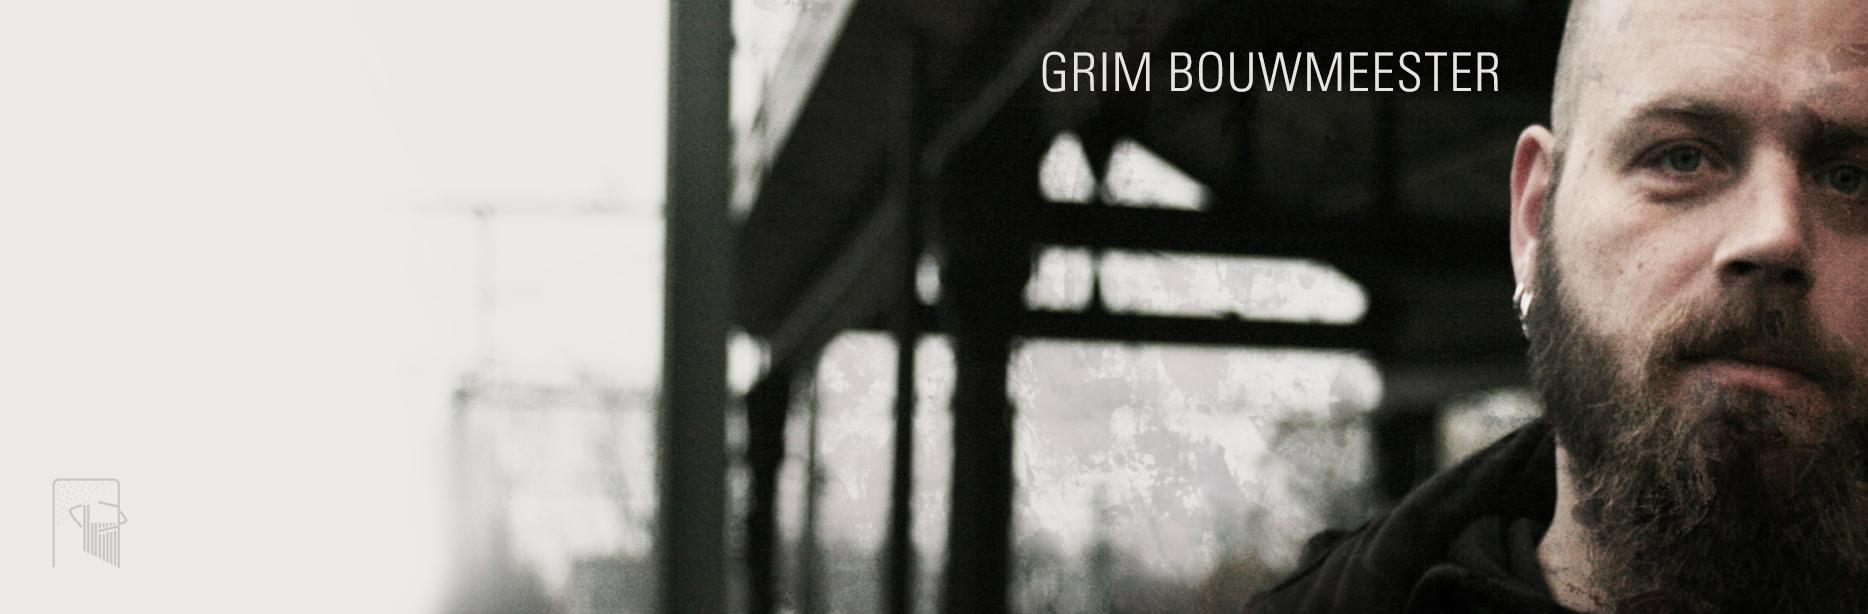 Grim Bouwmeester